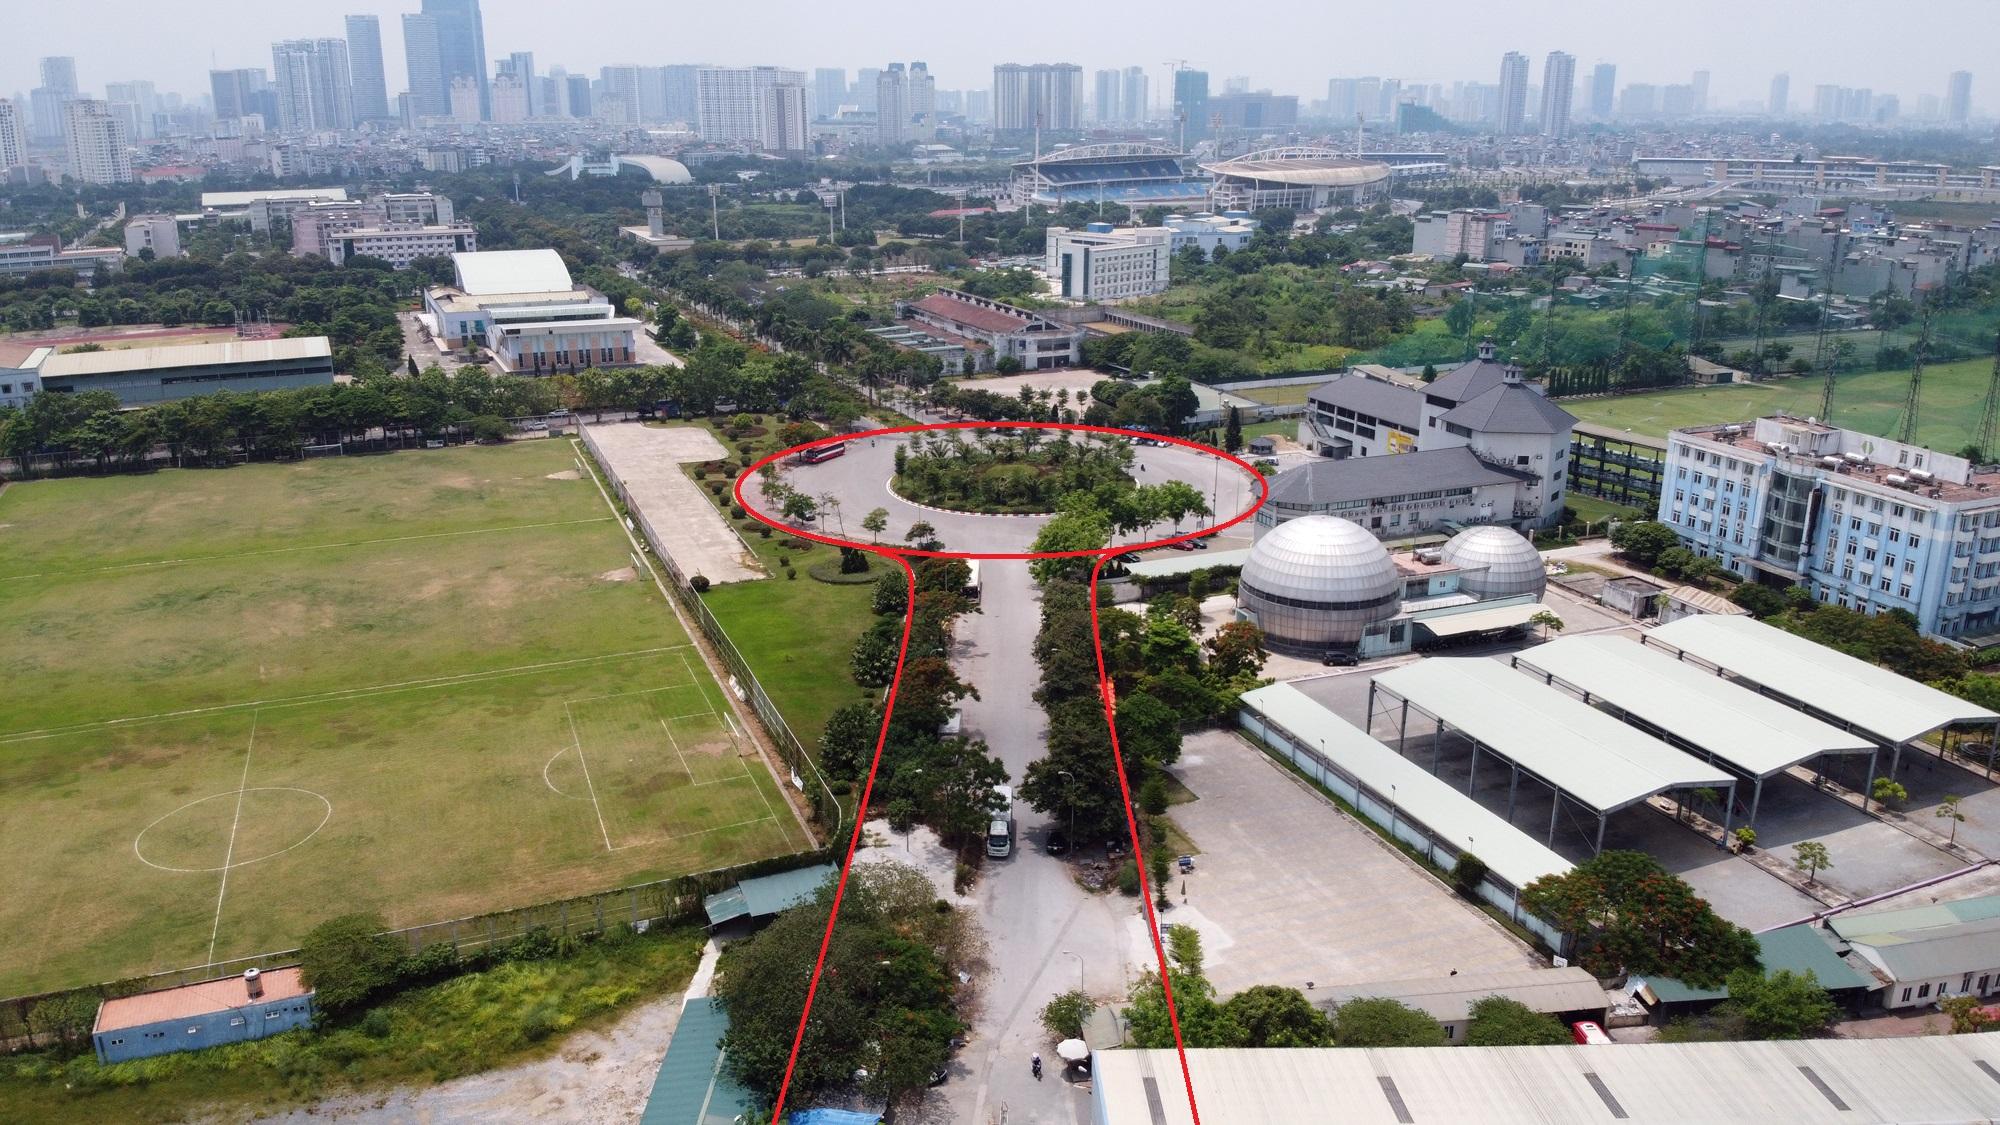 Ba đường sẽ mở theo qui hoạch ở phường Cầu Diễn, Nam Từ Liêm, Hà Nội - Ảnh 8.